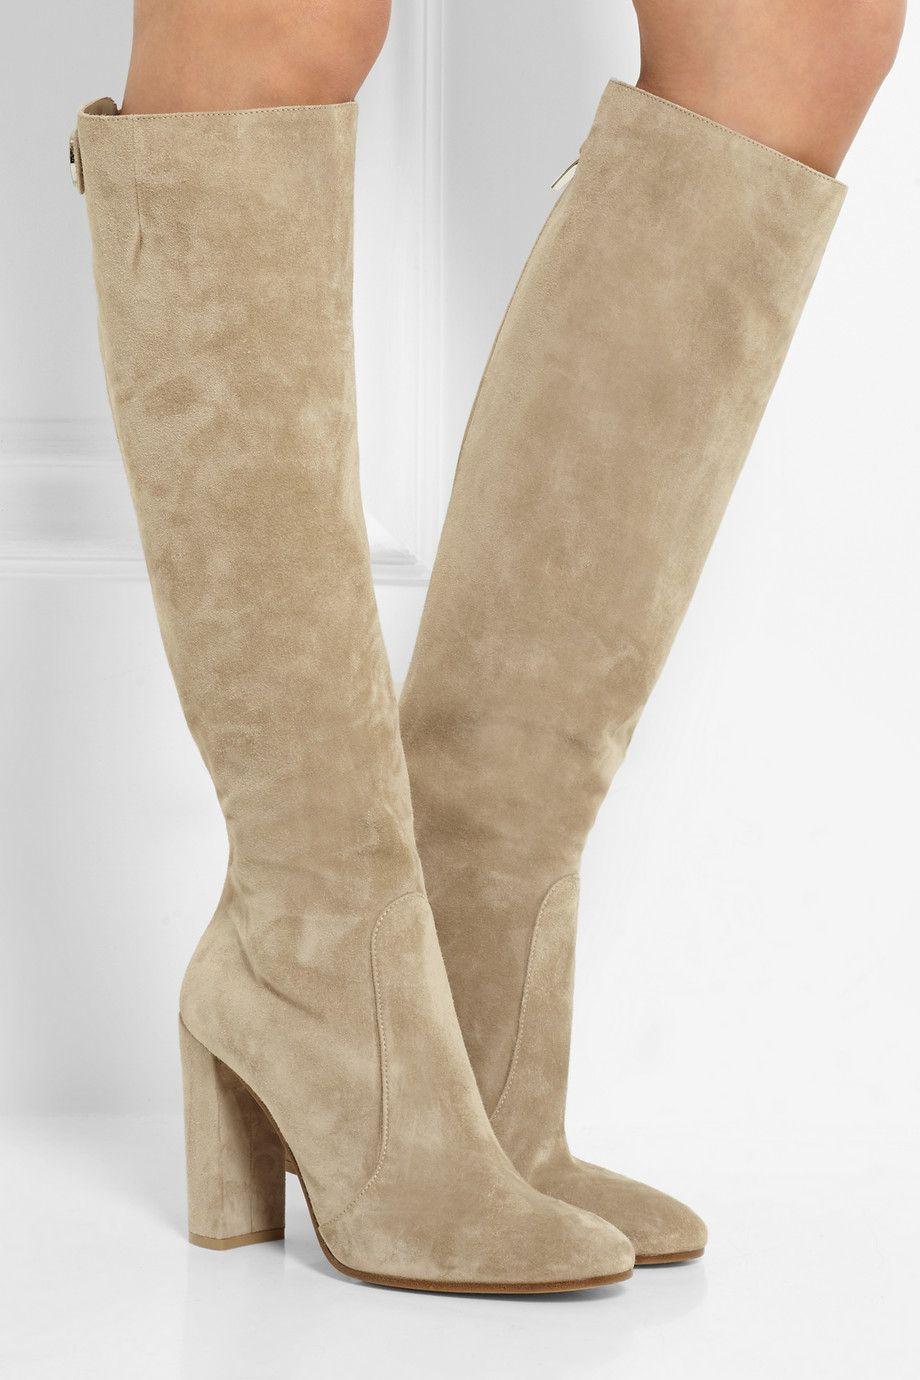 Mode femme Bottes hiver pour femmes Bottes Bas Chaussures plates Cavalières Bottes en suède longues et des bottes courtes MhkkjJTmo0